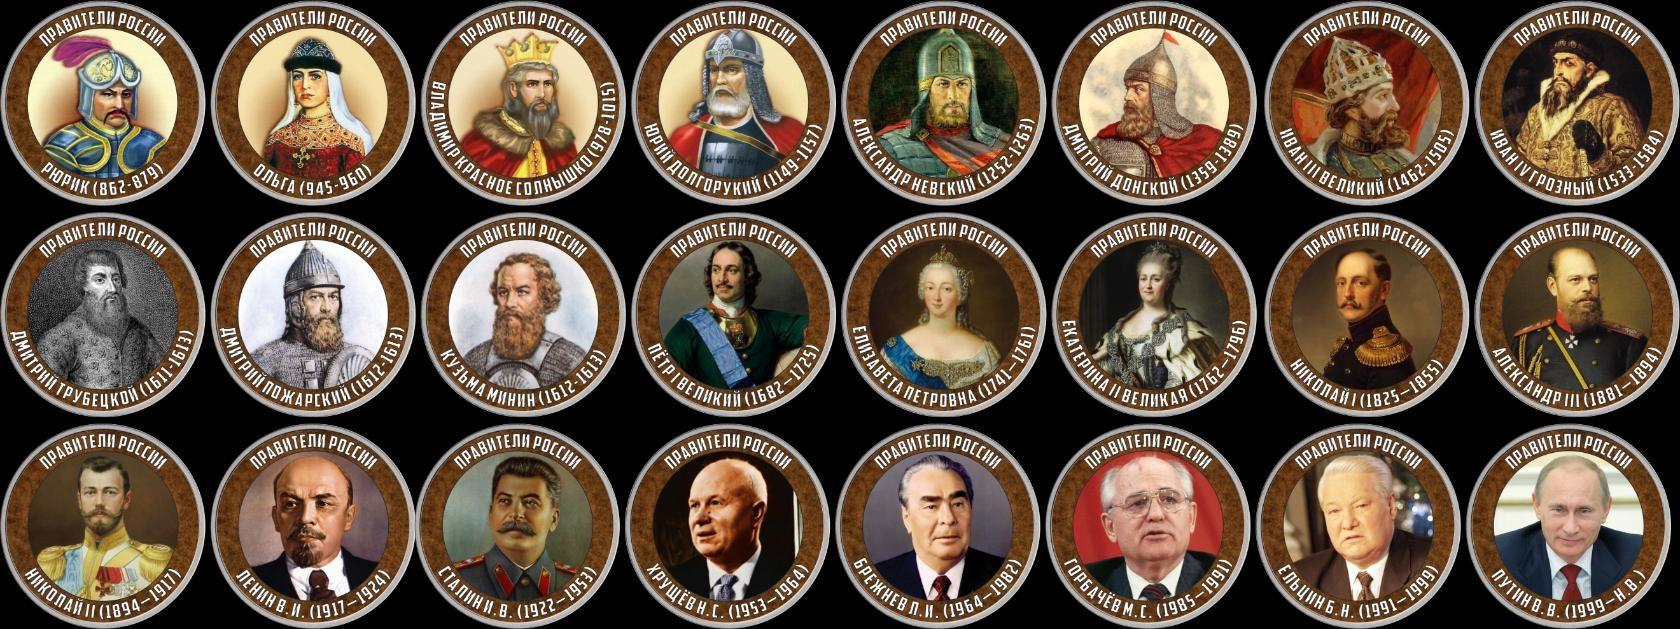 что, правители руси в картинках менее низкой плотностью